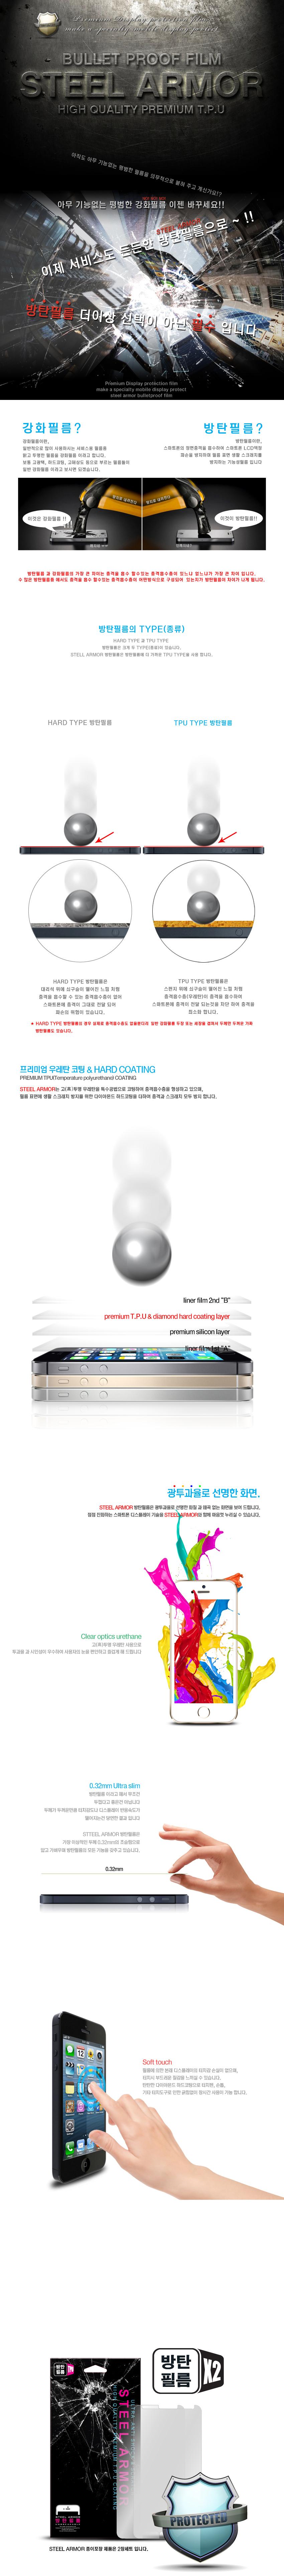 갤럭시 A8 2016 고선명 아머 방탄필름 (2EA) - 엘피아이, 4,500원, 필름/스킨, 기타 갤럭시 제품